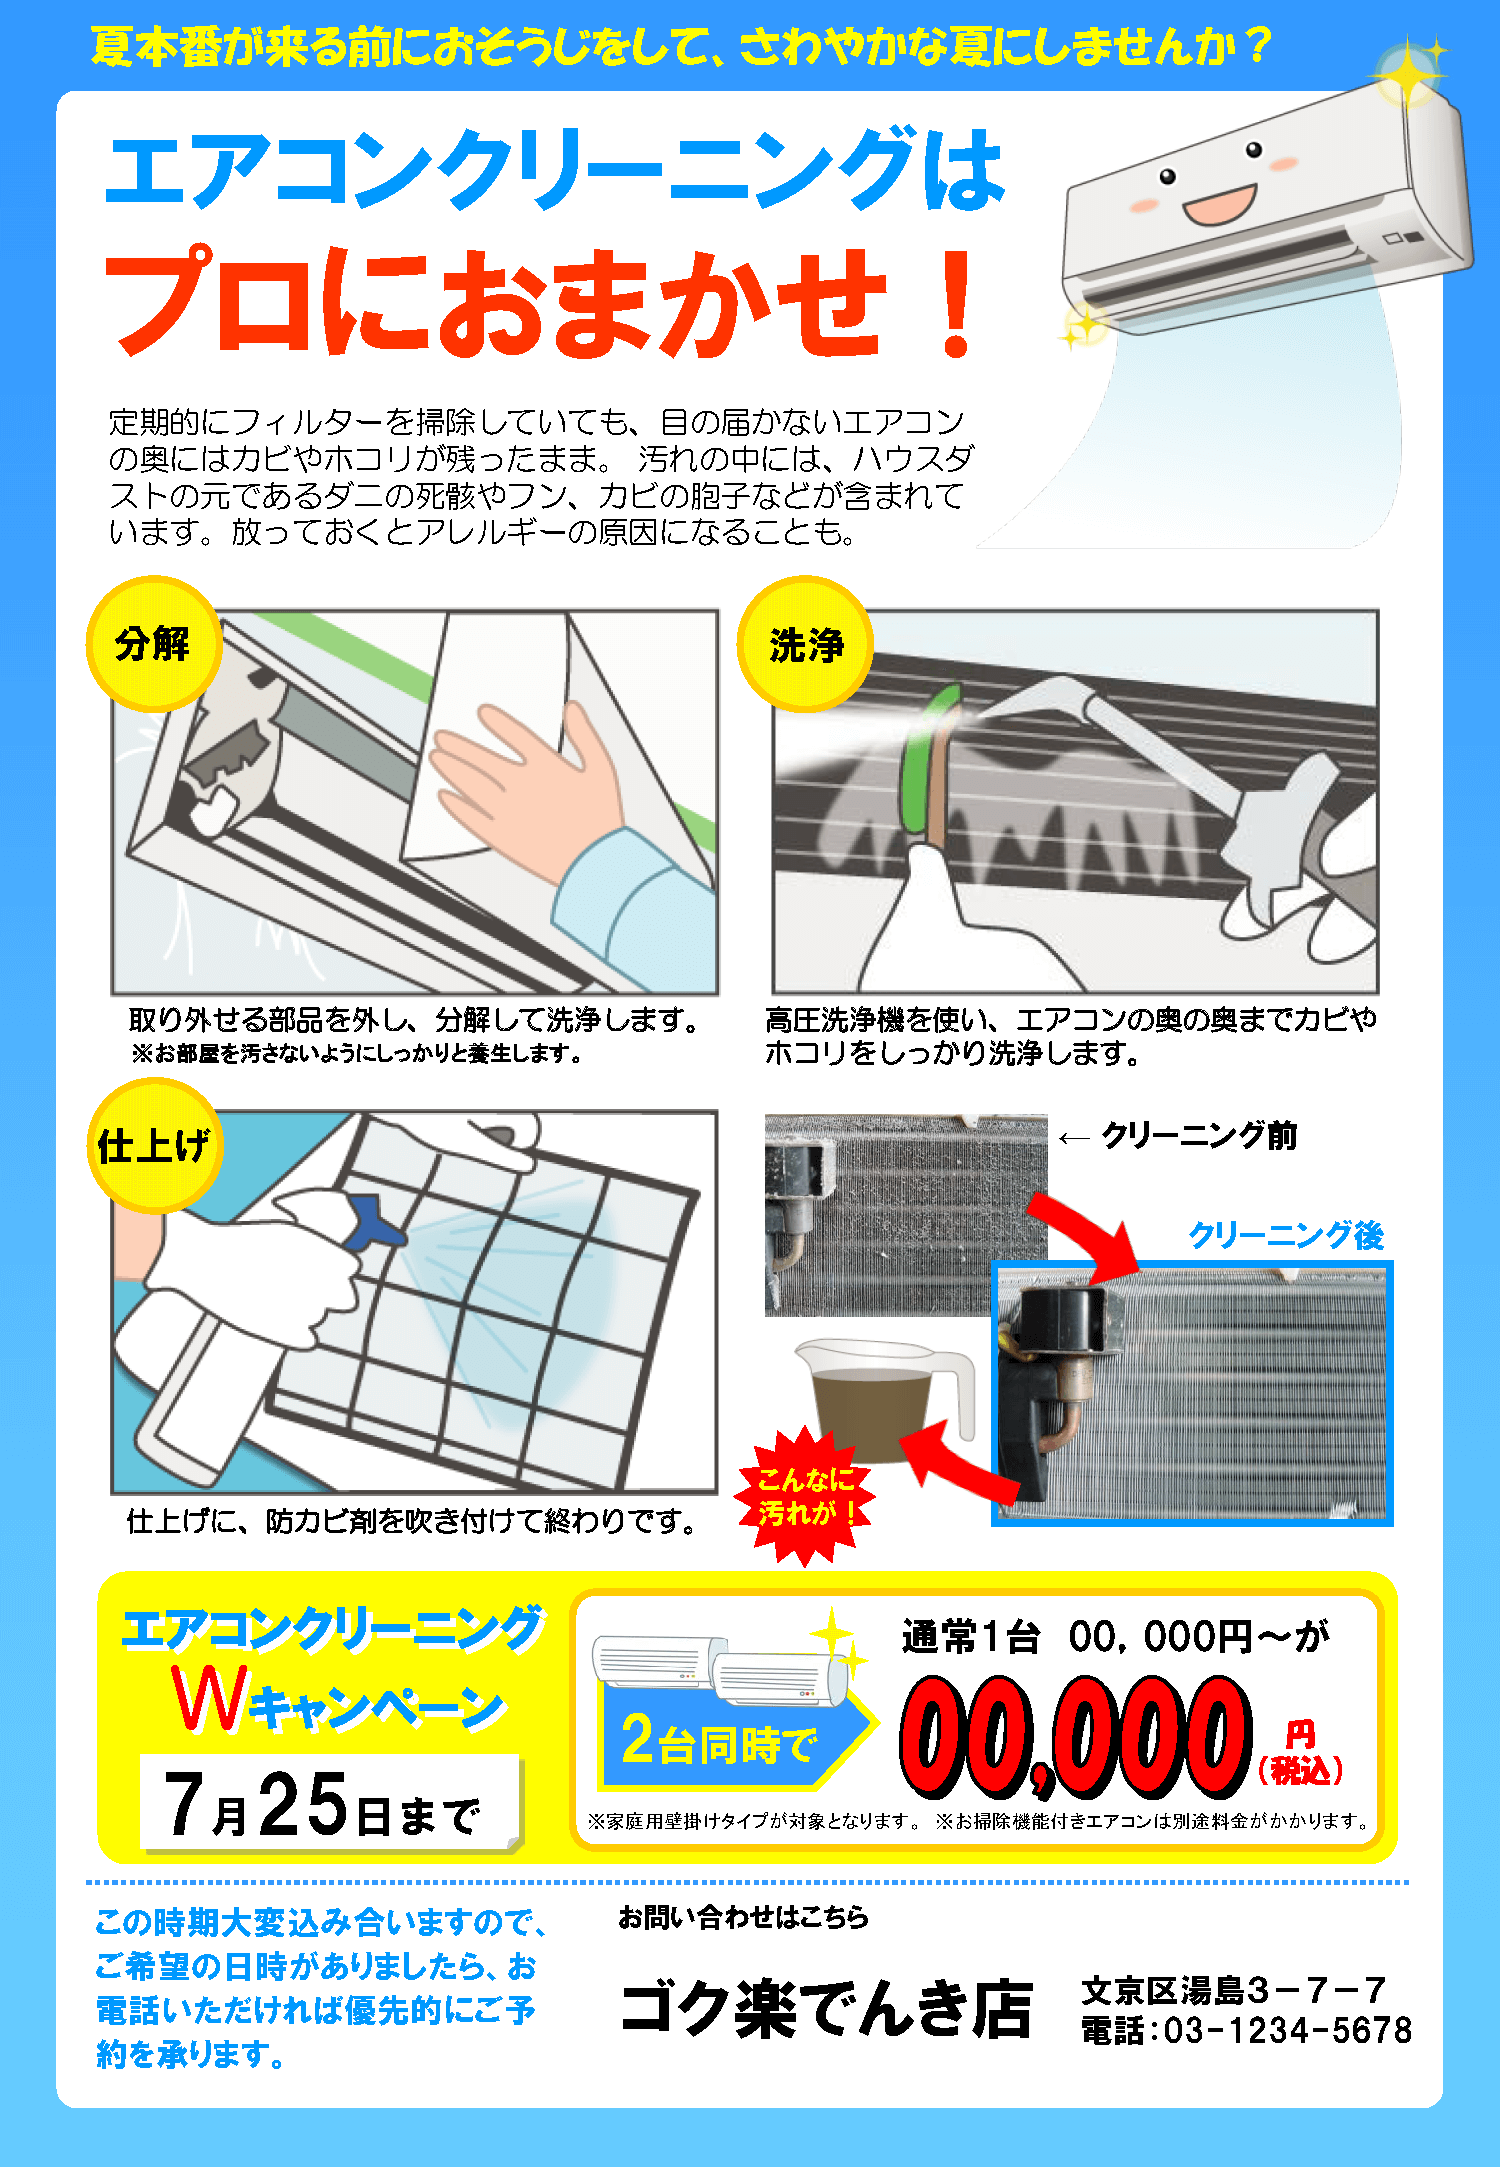 エアコンクリーニング01